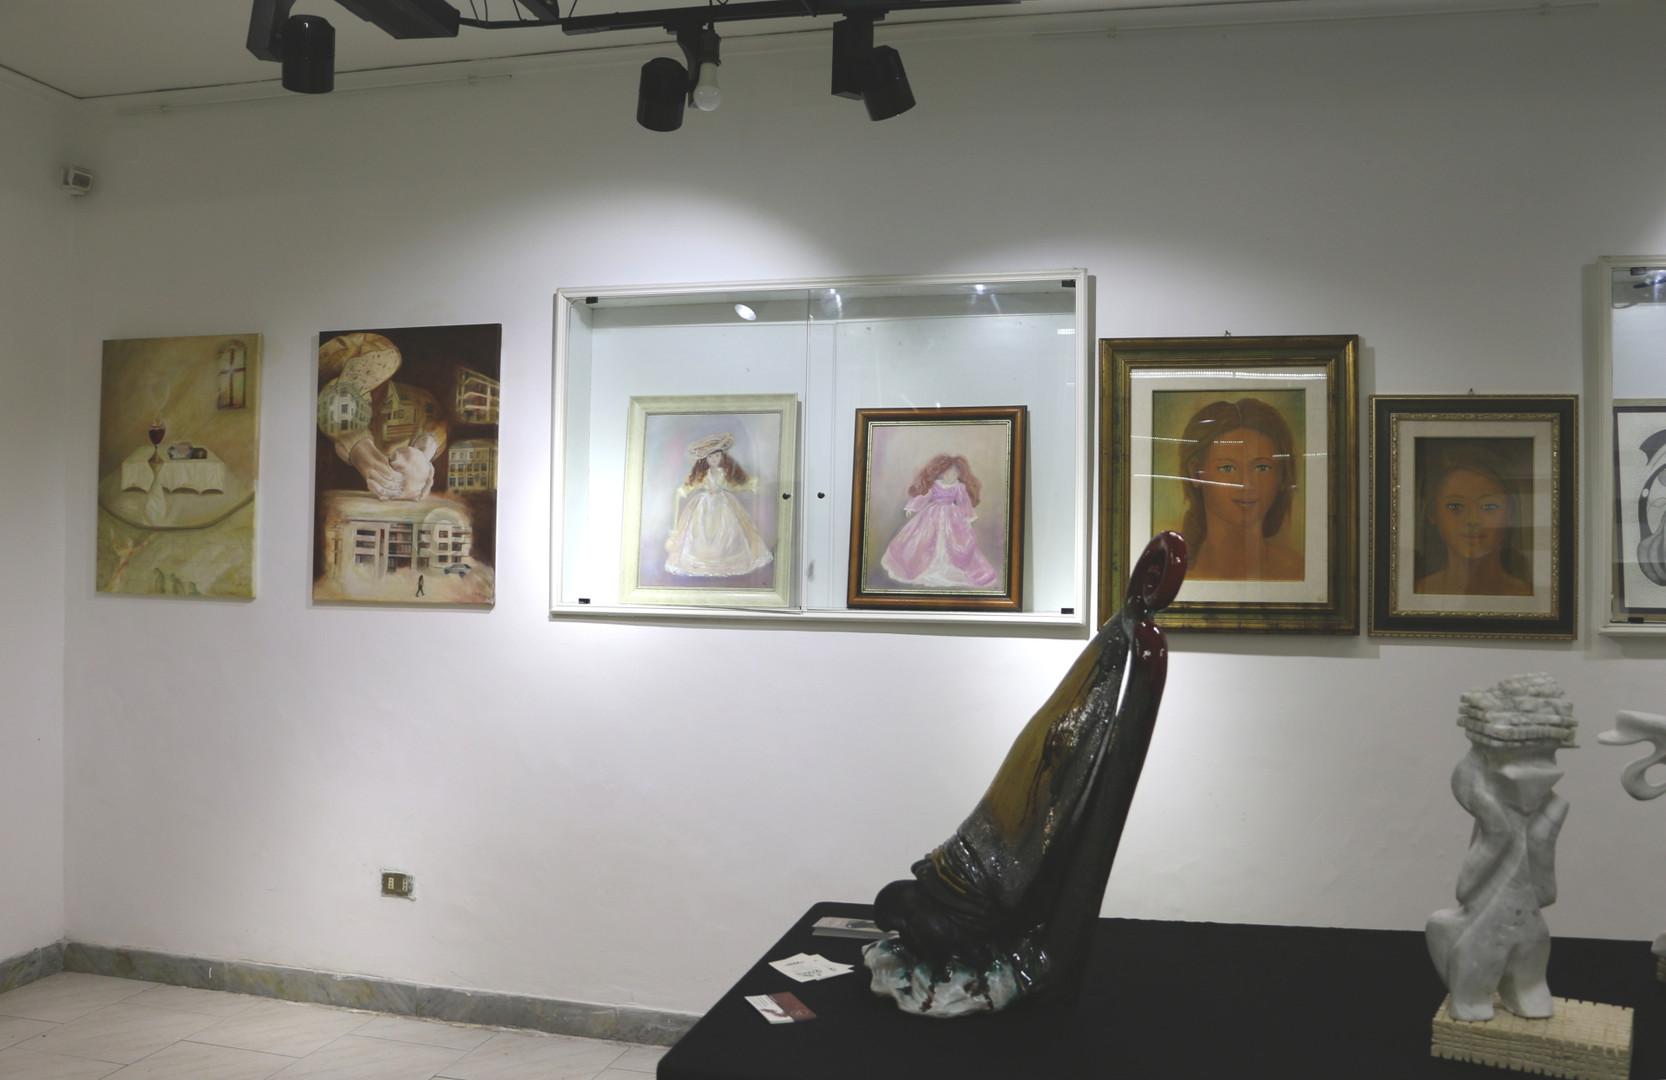 Art Exhibition in Palazzo Venezia, Naples